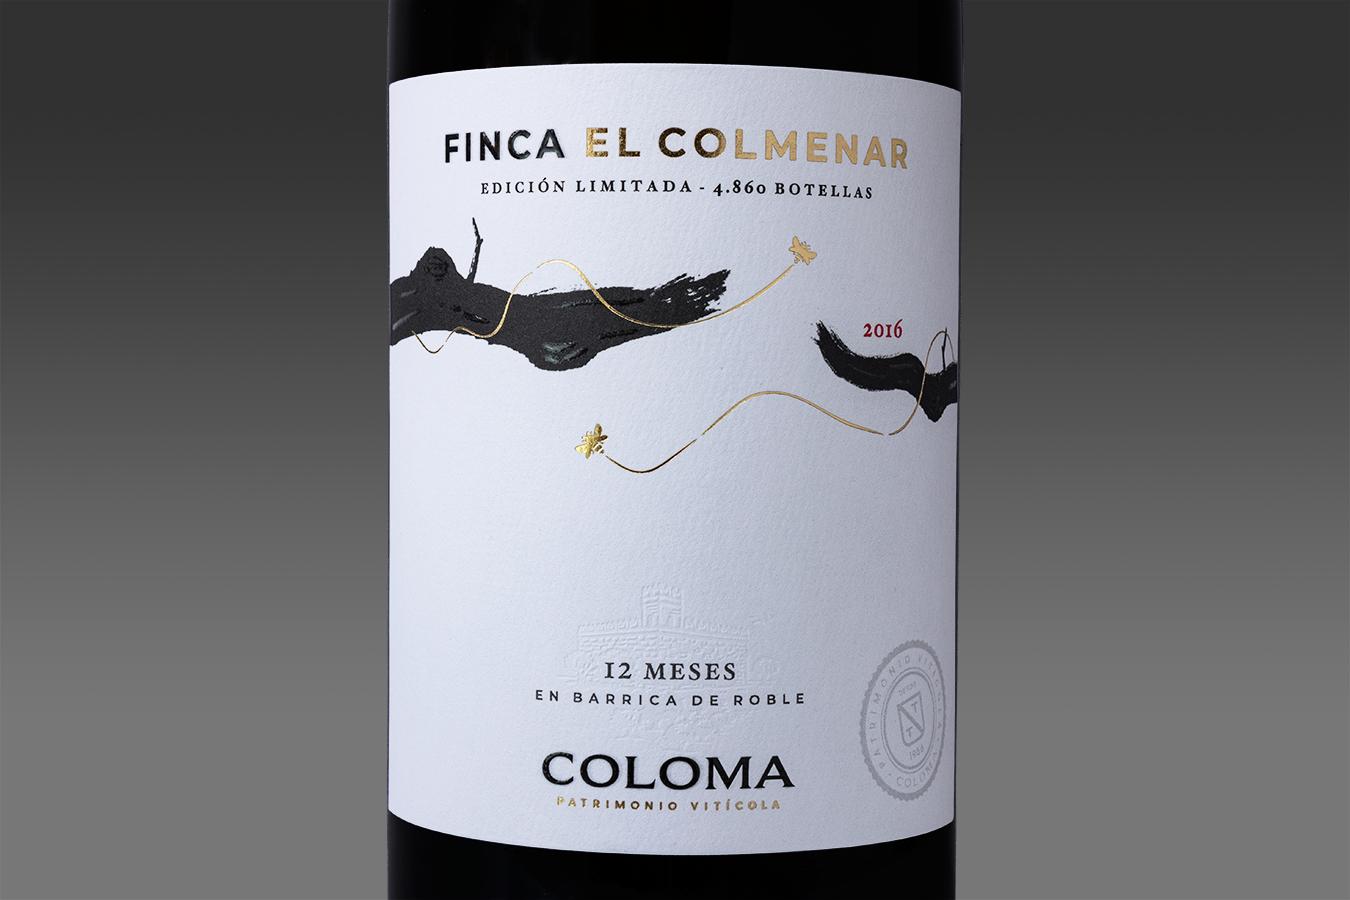 Finca el Colmenar - Eva Arias Graphic Studio